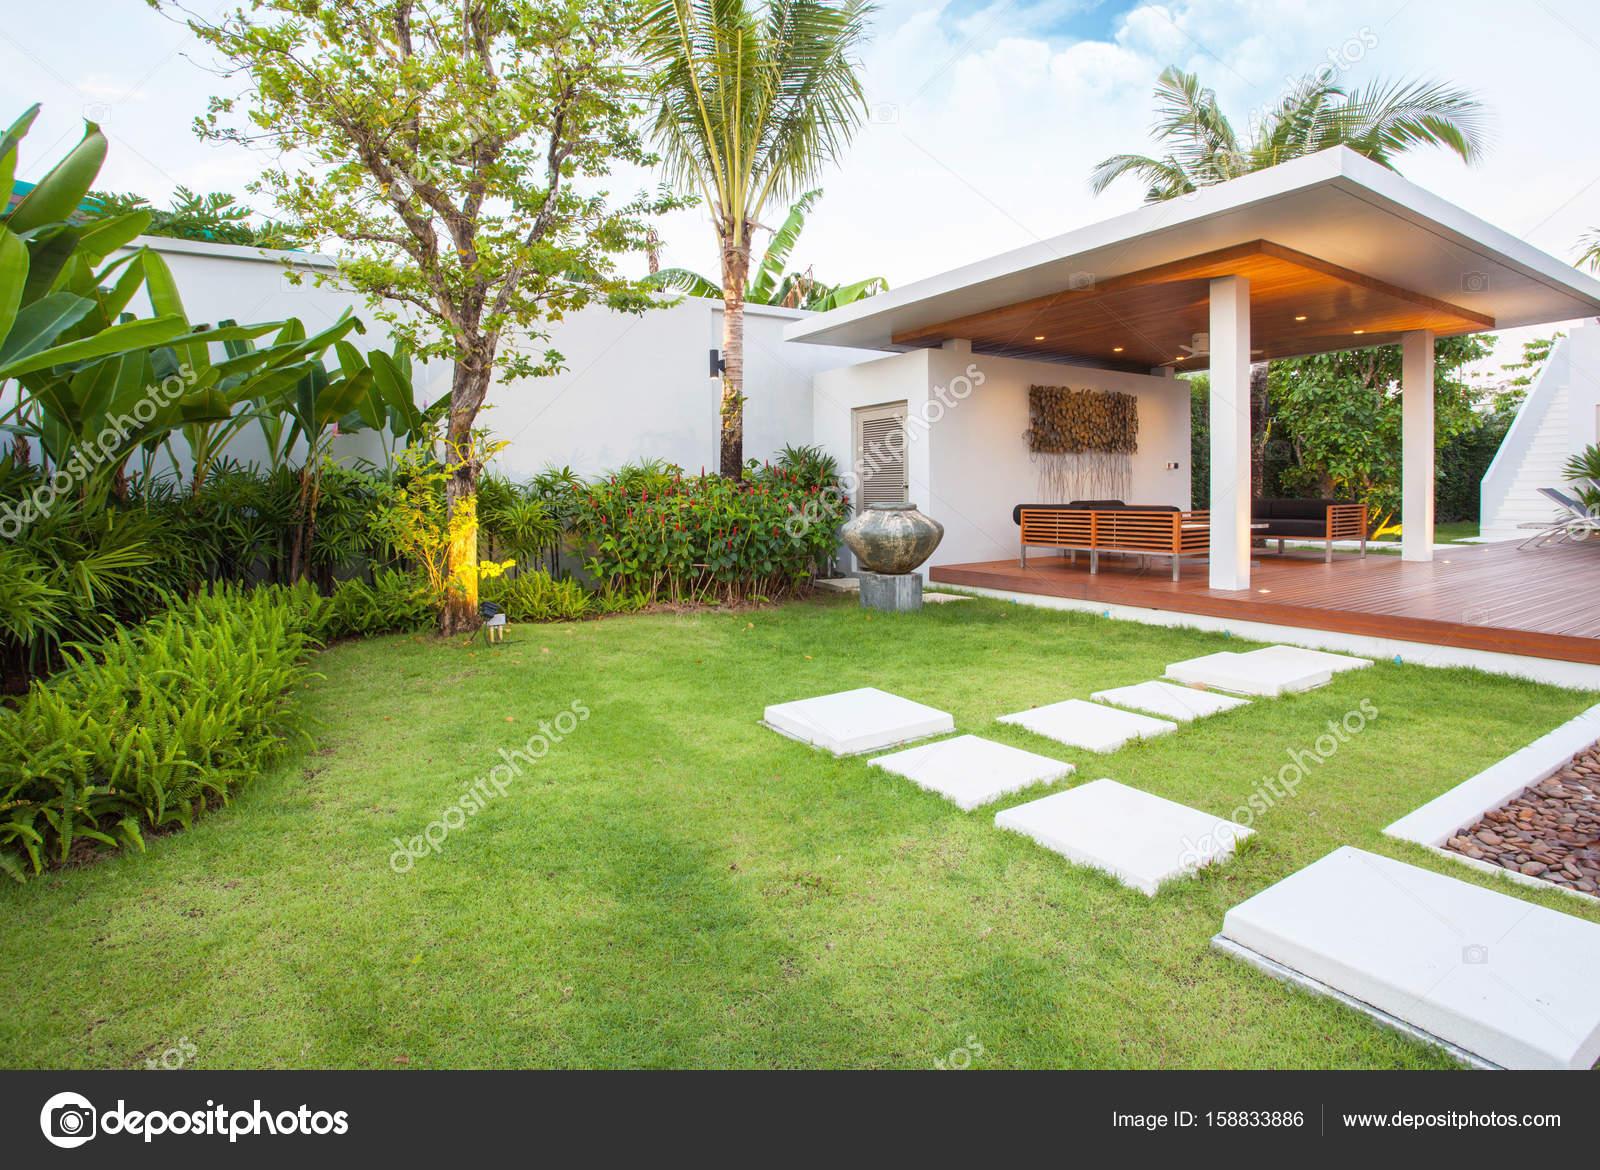 Dise o de interior y exteriores y decoraci n de la casa for Diseno de casas interior y exterior